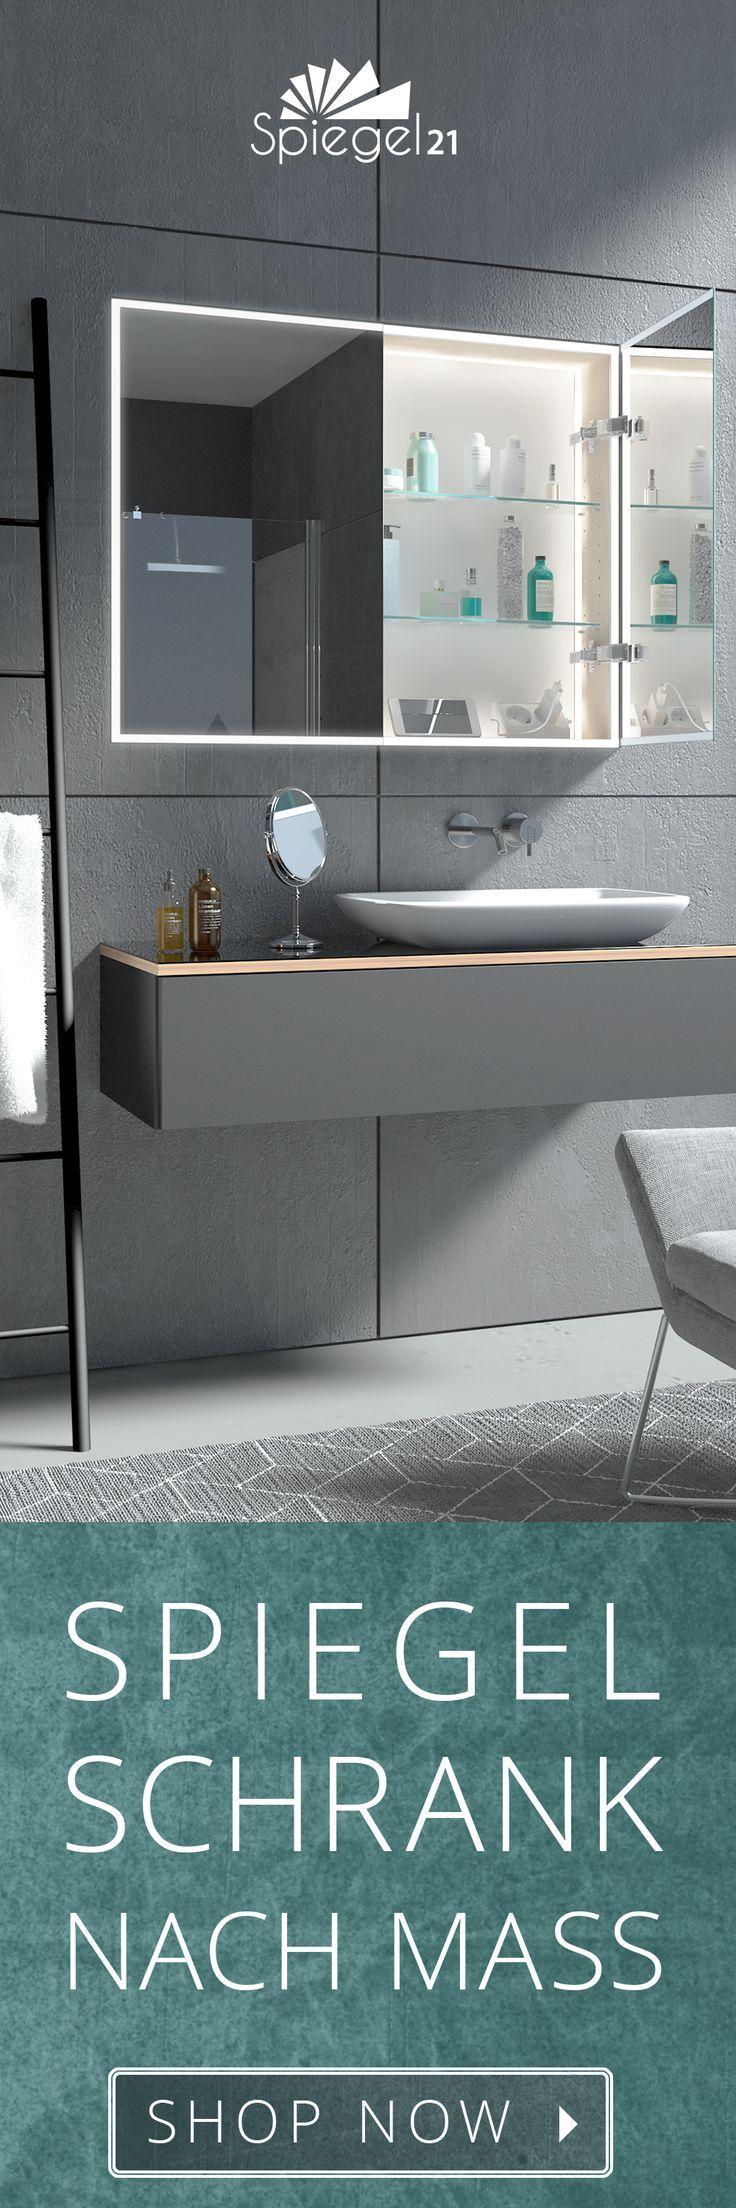 Bad Spiegelschrank Frankfurt Nach Mass Auch Unterputz Einbau Zimmereinrichtung Badezimmerspiegel Spiegelschrank Badezimmer Schrank